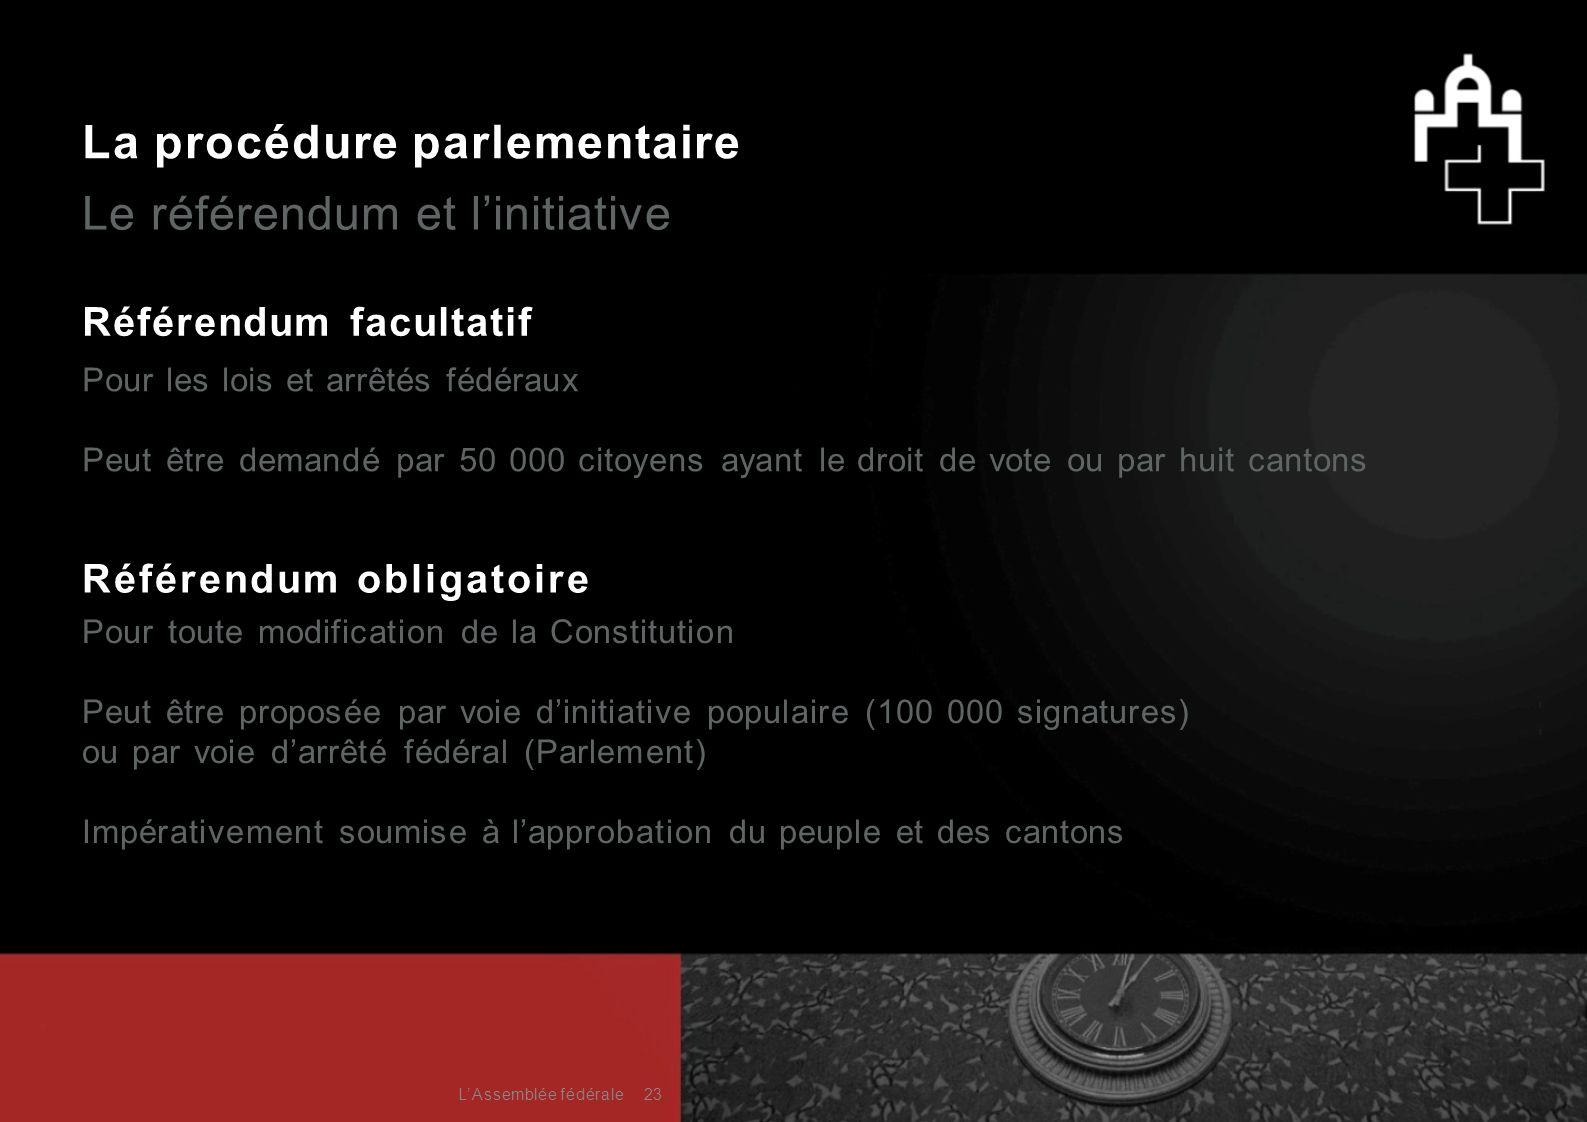 La procédure parlementaire Le référendum et l'initiative Référendum facultatif Pour les lois et arrêtés fédéraux Peut être demandé par 50 000 citoyens